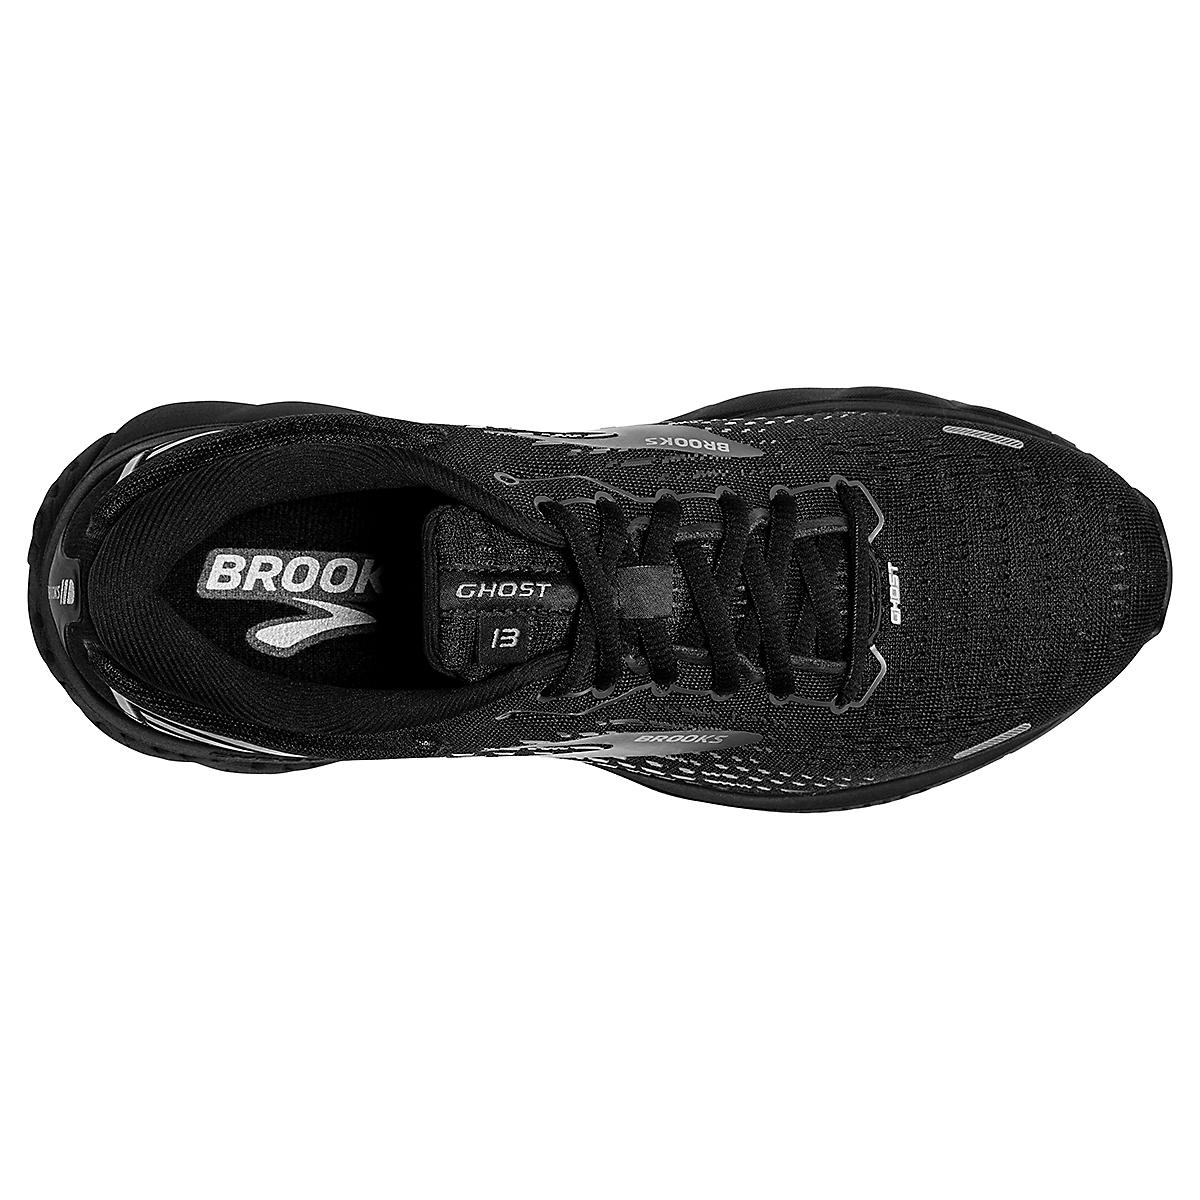 Women's Brooks Ghost 13 Running Shoe - Color: Black/Black - Size: 5 - Width: Regular, Black/Black, large, image 3